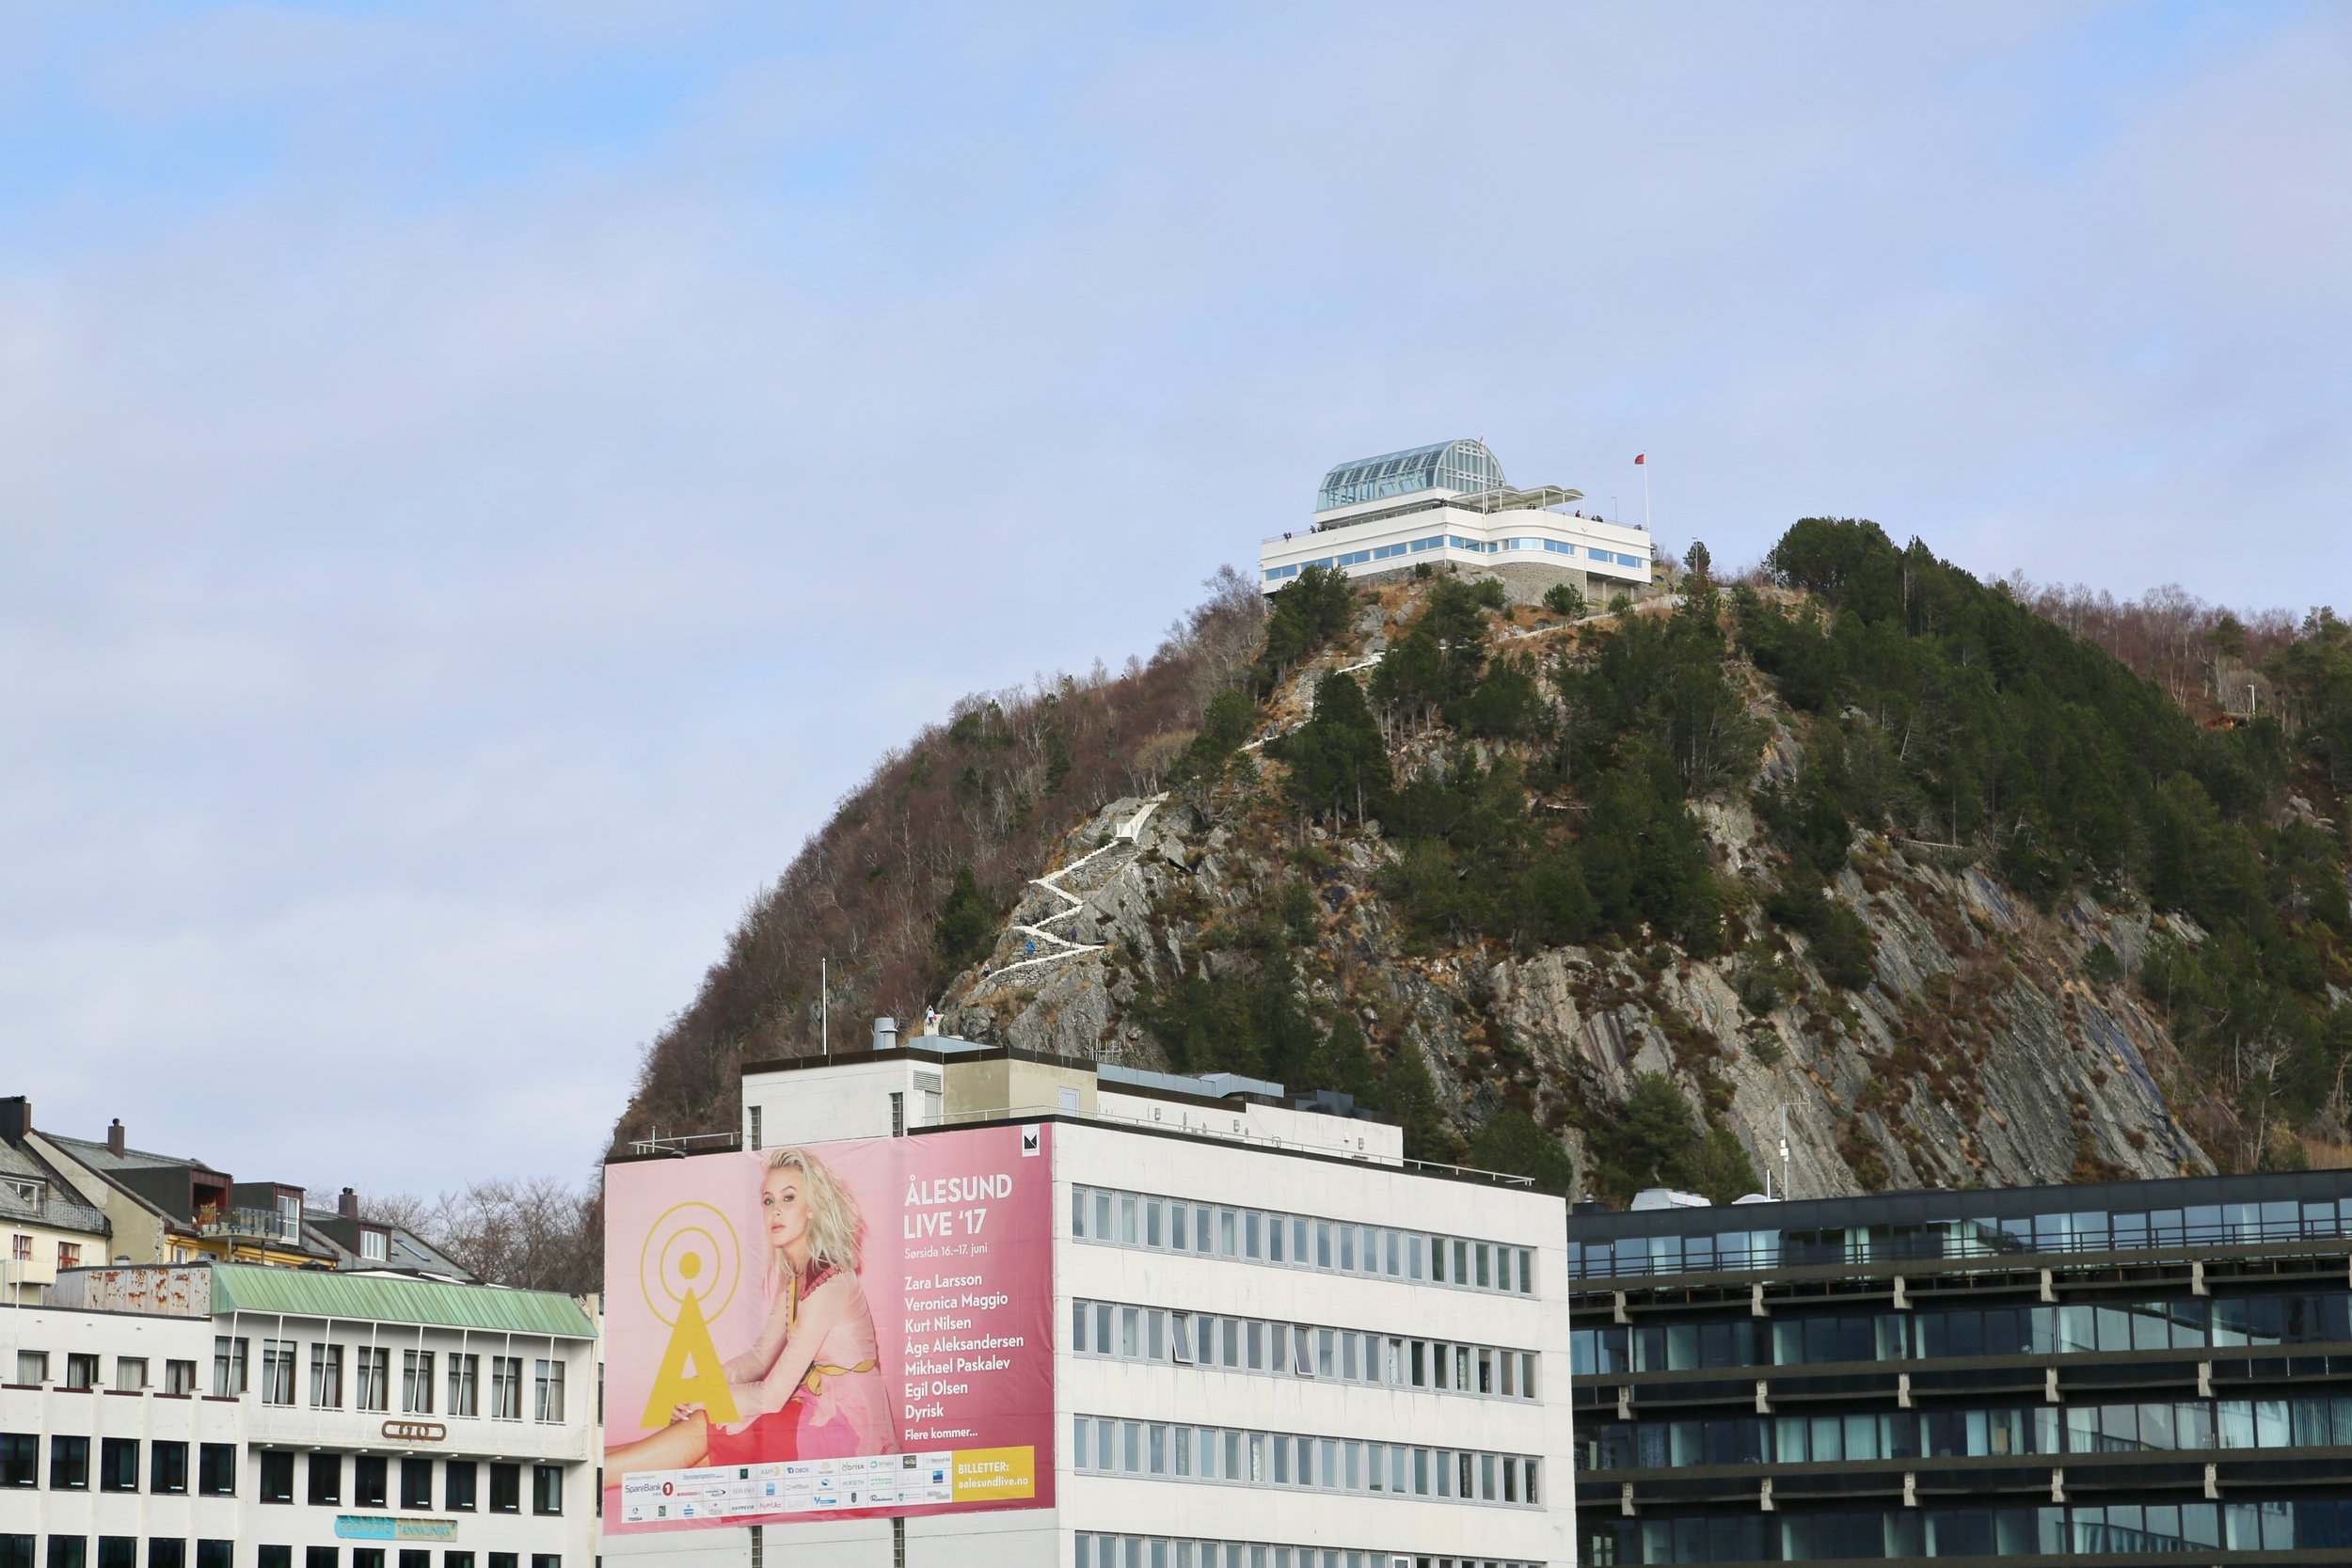 Den hvite stien midt i bildet i fjellsiden fører deg 140 meter opp i fra havet. Foto: Odd Roar Lange